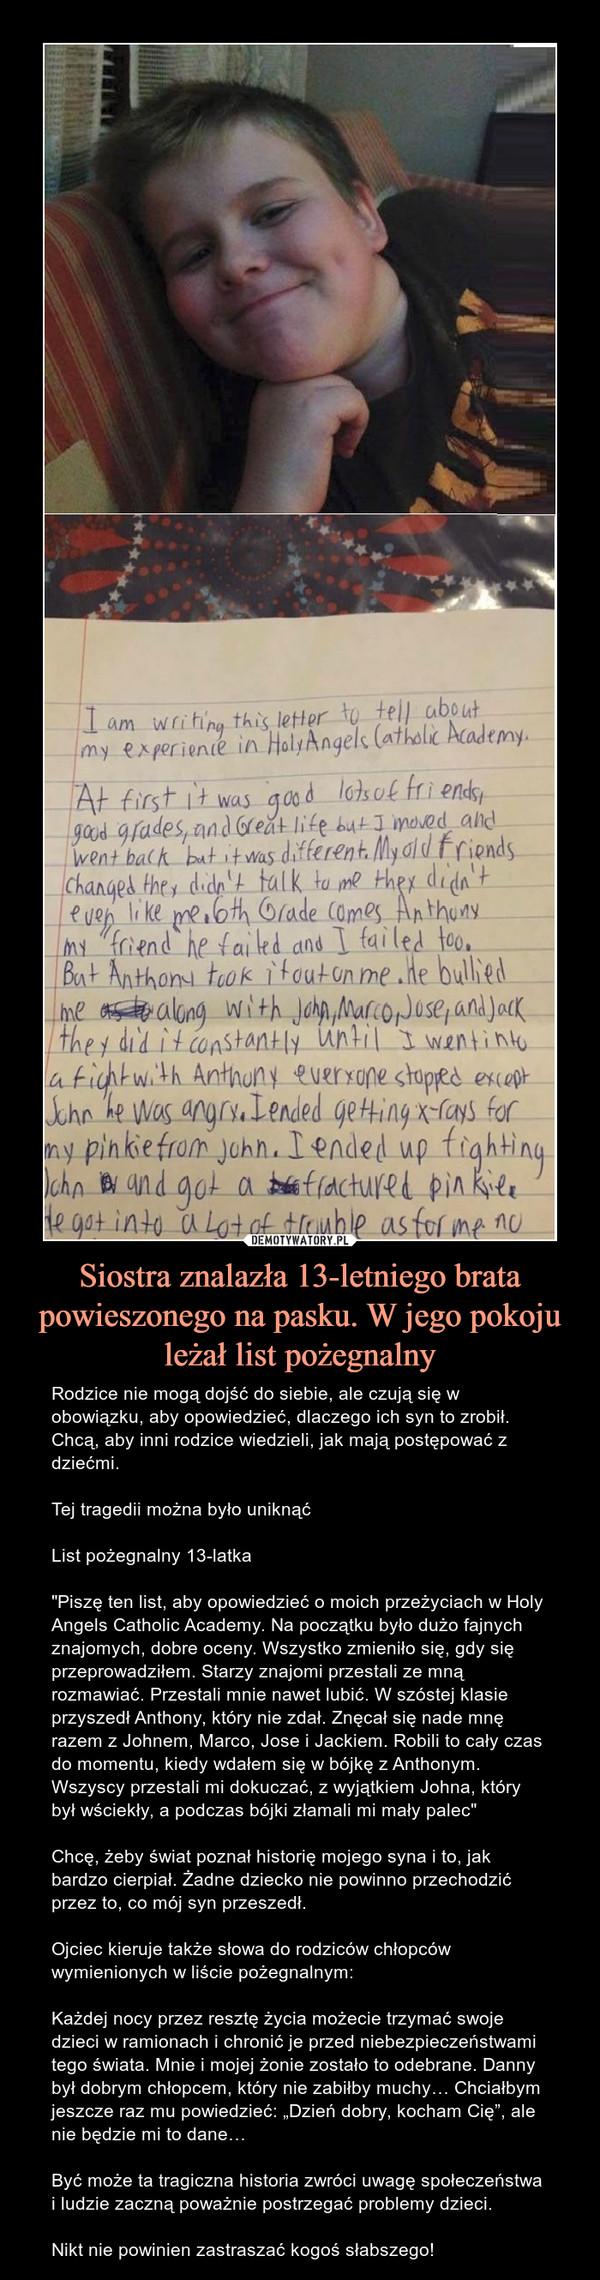 """Siostra znalazła 13-letniego brata powieszonego na pasku. W jego pokoju leżał list pożegnalny – Rodzice nie mogą dojść do siebie, ale czują się w obowiązku, aby opowiedzieć, dlaczego ich syn to zrobił. Chcą, aby inni rodzice wiedzieli, jak mają postępować z dziećmi.Tej tragedii można było uniknąćList pożegnalny 13-latka""""Piszę ten list, aby opowiedzieć o moich przeżyciach w Holy Angels Catholic Academy. Na początku było dużo fajnych znajomych, dobre oceny. Wszystko zmieniło się, gdy się przeprowadziłem. Starzy znajomi przestali ze mną rozmawiać. Przestali mnie nawet lubić. W szóstej klasie przyszedł Anthony, który nie zdał. Znęcał się nade mnę razem z Johnem, Marco, Jose i Jackiem. Robili to cały czas do momentu, kiedy wdałem się w bójkę z Anthonym. Wszyscy przestali mi dokuczać, z wyjątkiem Johna, który był wściekły, a podczas bójki złamali mi mały palec""""Chcę, żeby świat poznał historię mojego syna i to, jak bardzo cierpiał. Żadne dziecko nie powinno przechodzić przez to, co mój syn przeszedł.Ojciec kieruje także słowa do rodziców chłopców wymienionych w liście pożegnalnym:Każdej nocy przez resztę życia możecie trzymać swoje dzieci w ramionach i chronić je przed niebezpieczeństwami tego świata. Mnie i mojej żonie zostało to odebrane. Danny był dobrym chłopcem, który nie zabiłby muchy… Chciałbym jeszcze raz mu powiedzieć: """"Dzień dobry, kocham Cię"""", ale nie będzie mi to dane…Być może ta tragiczna historia zwróci uwagę społeczeństwa i ludzie zaczną poważnie postrzegać problemy dzieci.Nikt nie powinien zastraszać kogoś słabszego!"""